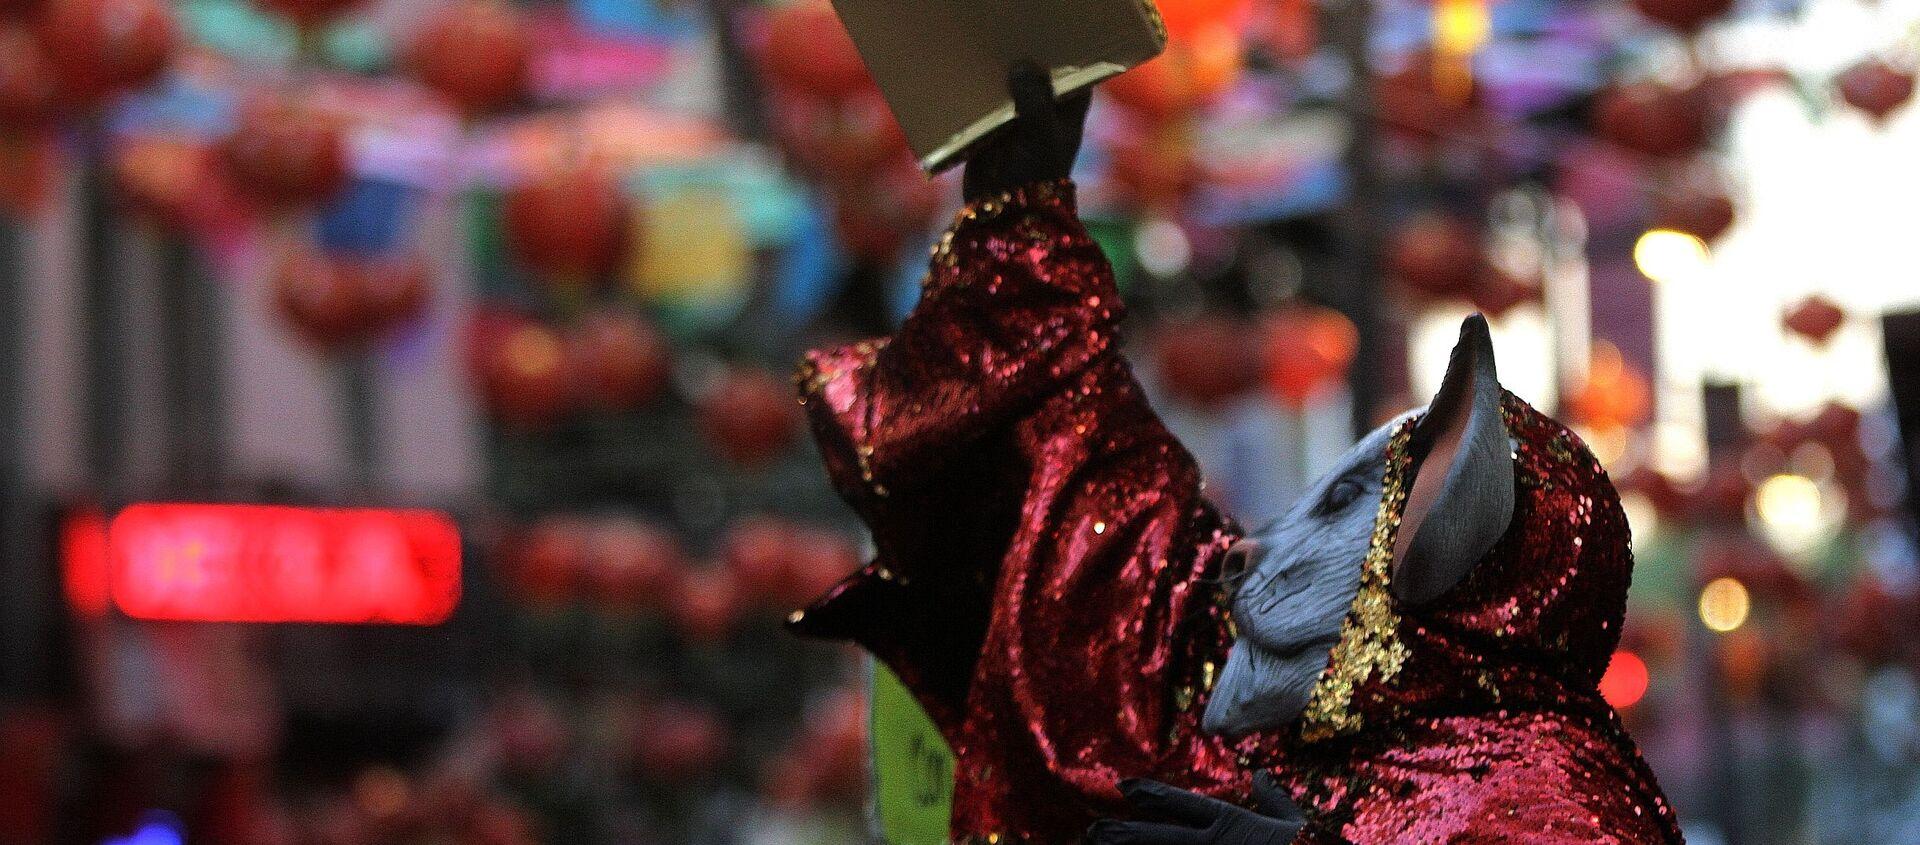 Los festejos del Año Nuevo chino de la rata de metal en ciudad de México - Sputnik Mundo, 1920, 26.01.2020